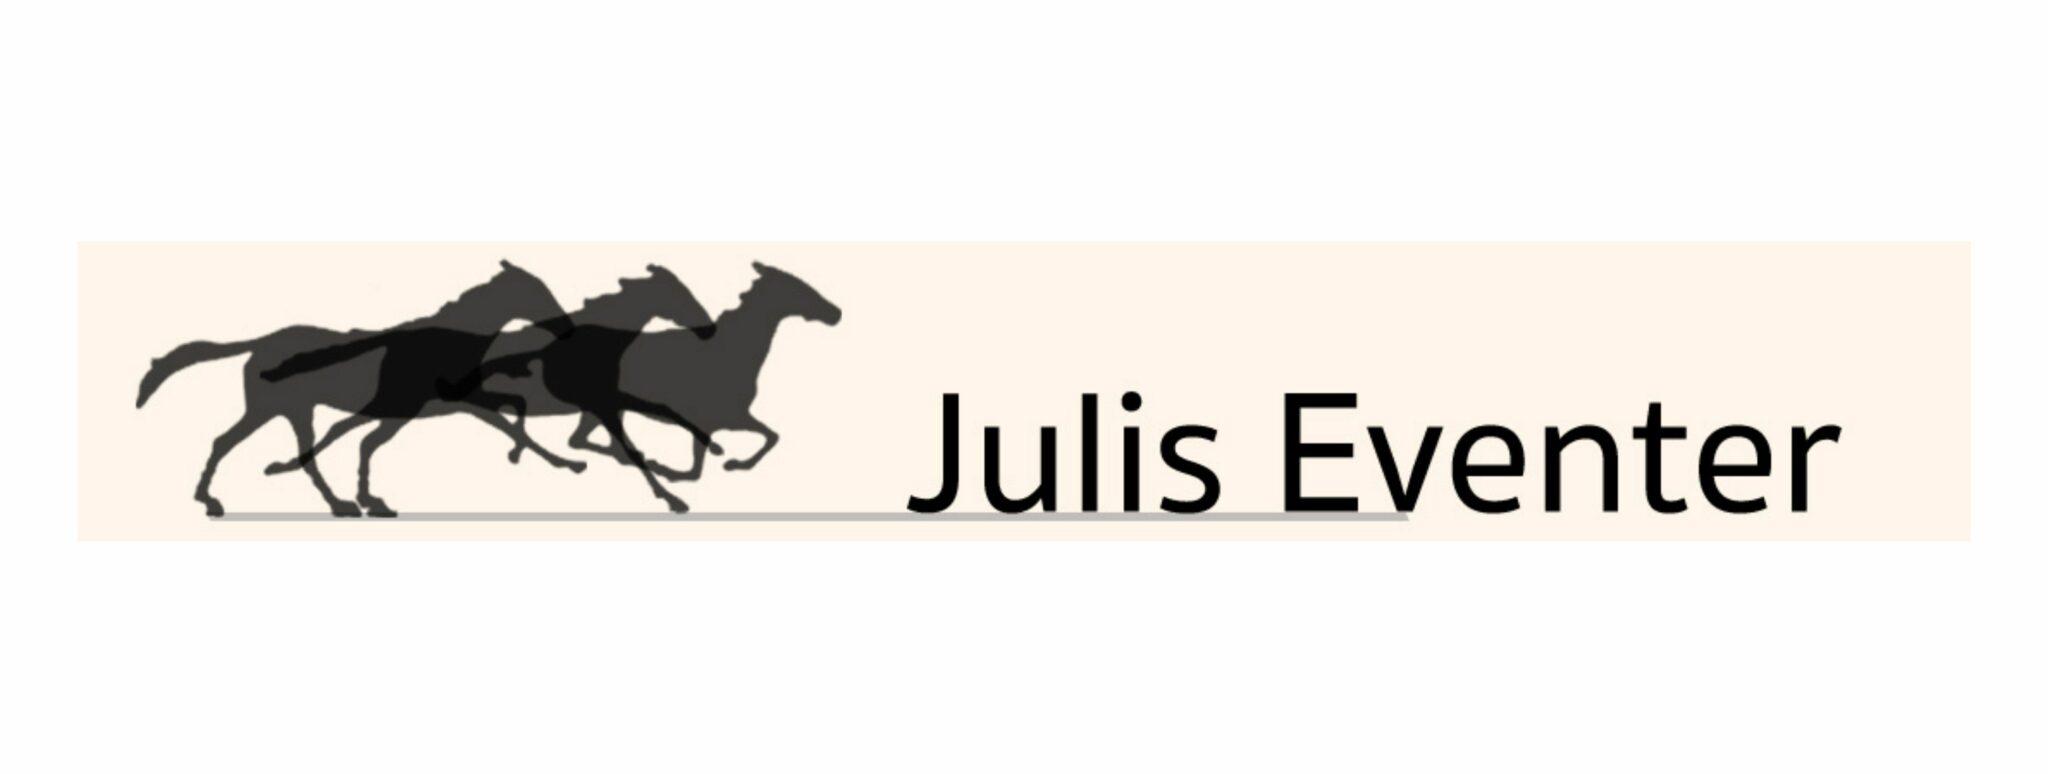 llhmedia-referenzen-übersicht-julis-eventer